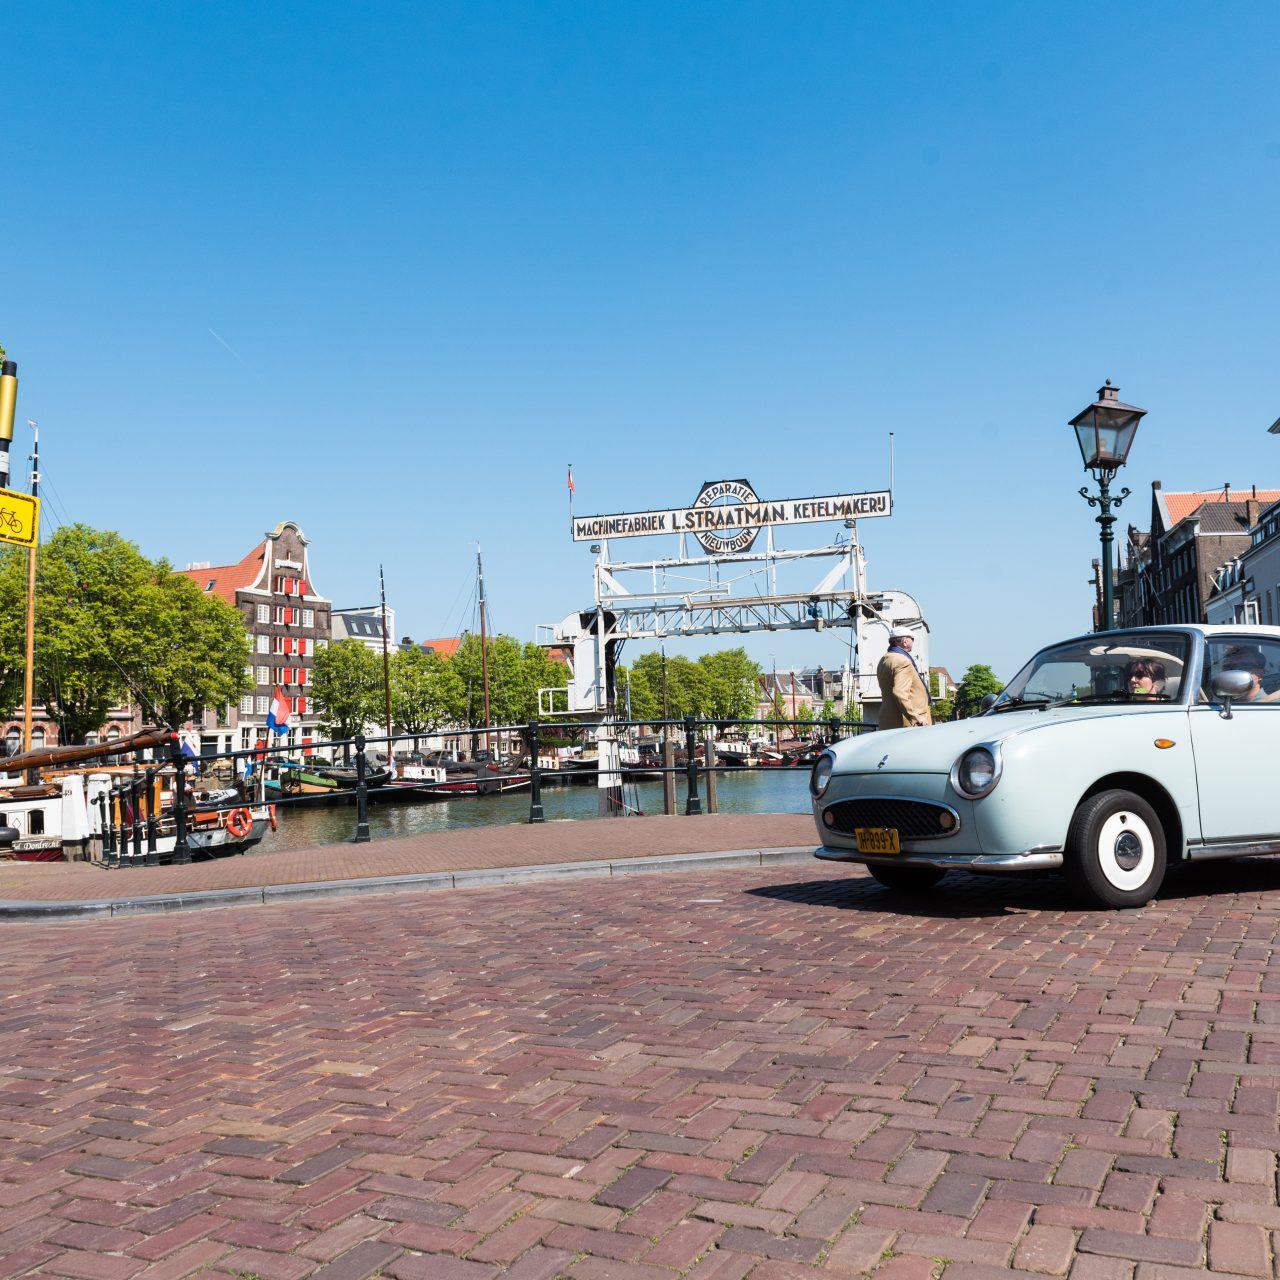 Historische havens - Dordrecht - Roobrug - auto - Kuipershaven - Dok Straatman - Pakhuis Stokholm